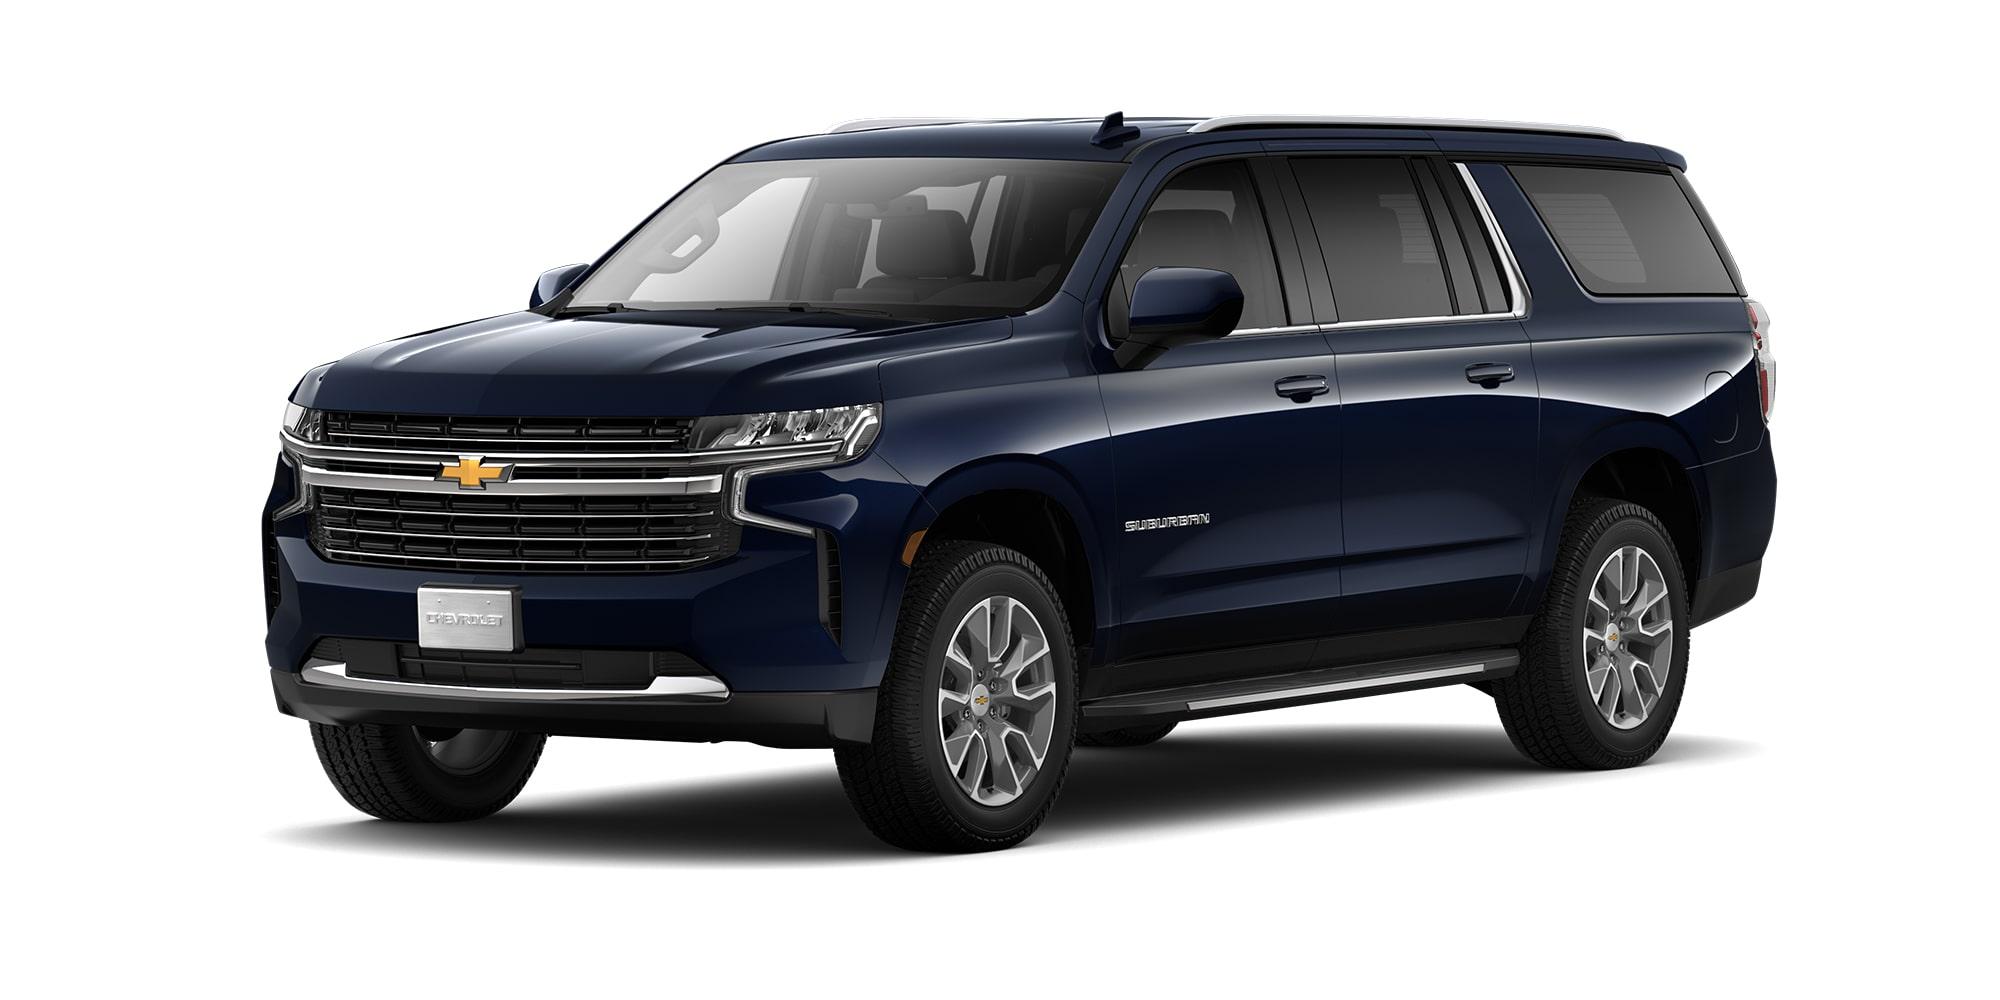 Chevrolet Suburban 2021, Camioneta para 8 pasajeros en su versión LT